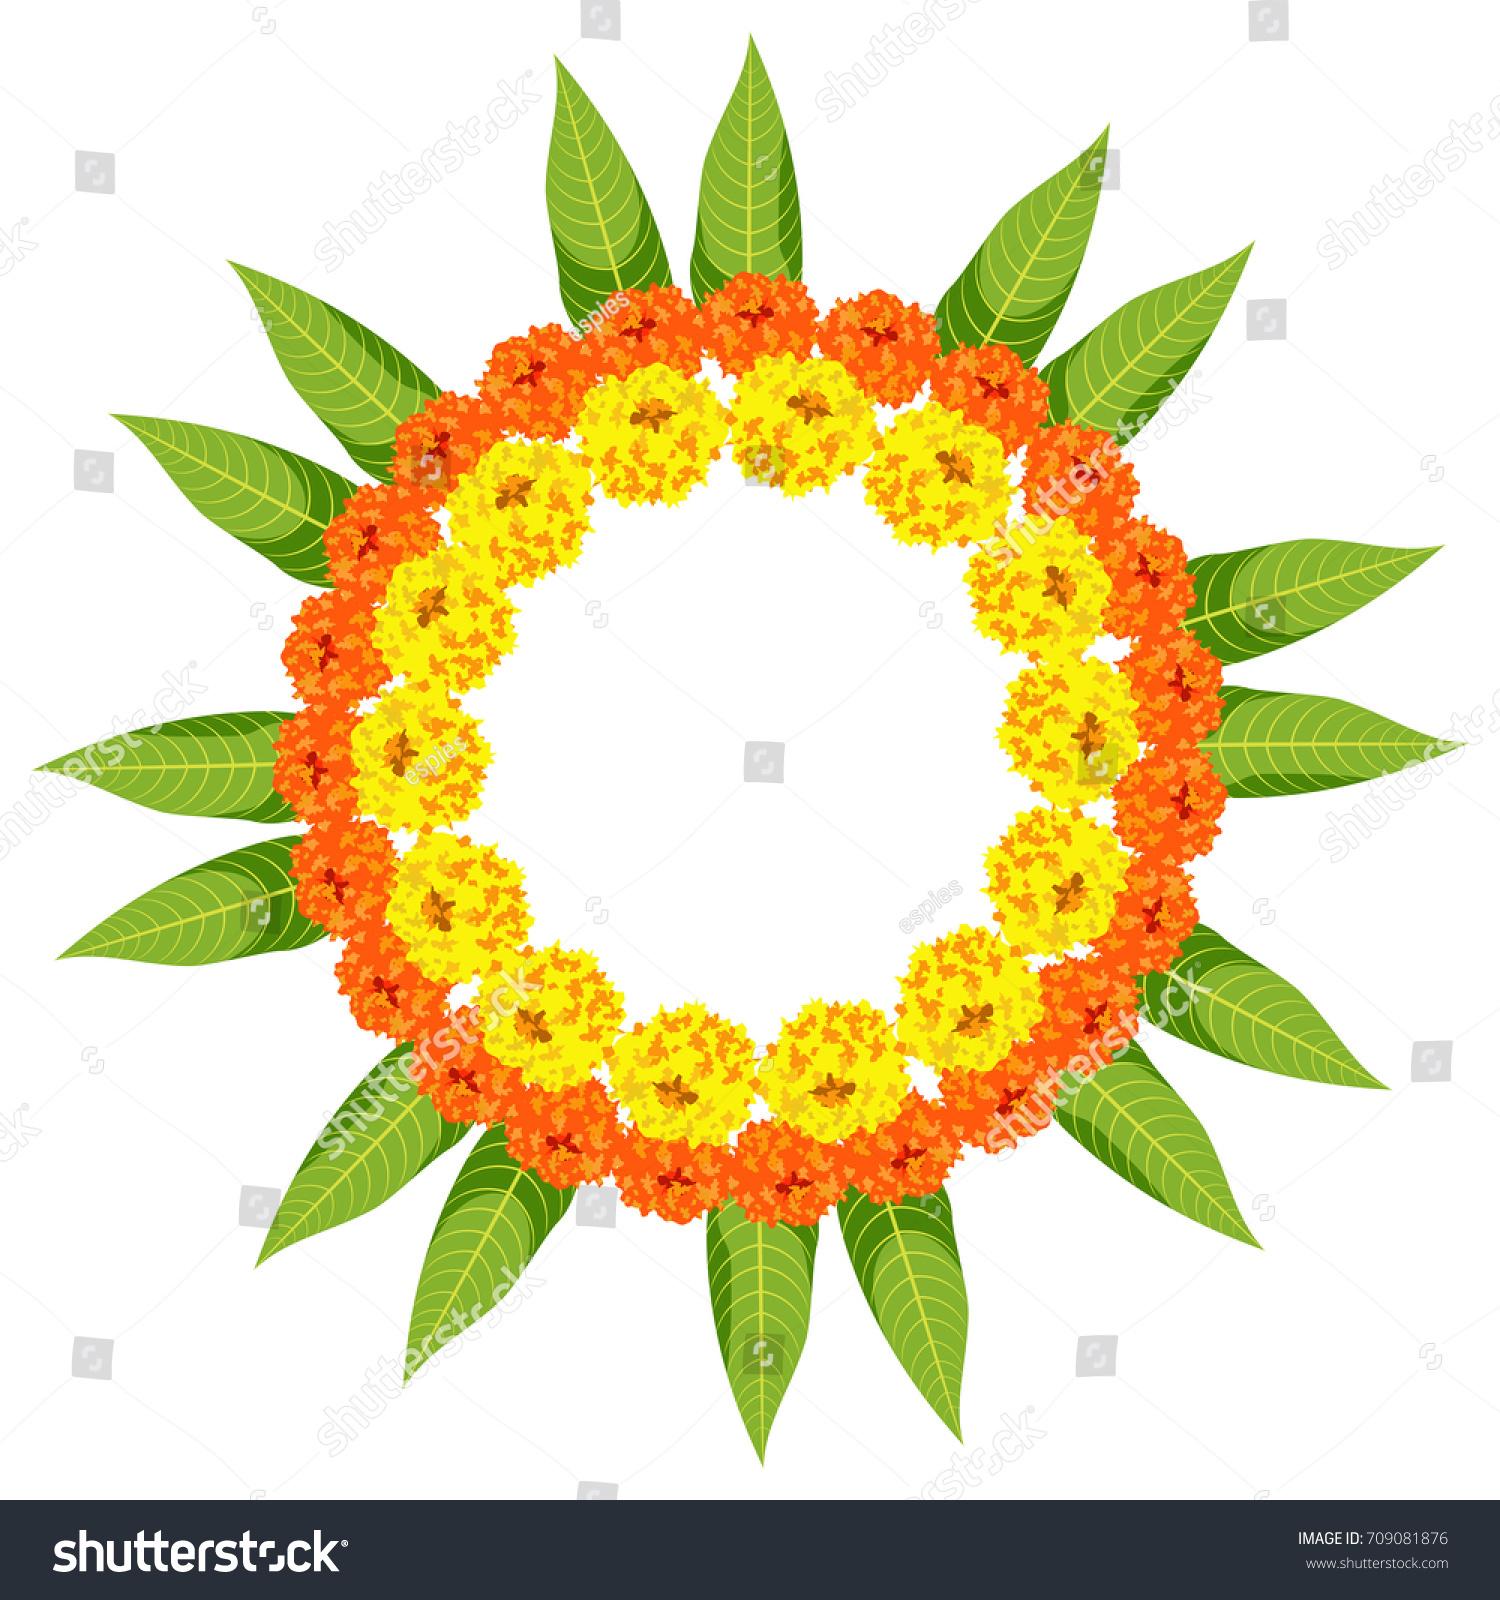 Vector Illustration Flower Rangoli Made Using Stock Vector 709081876 ... for Flower Rangoli Vector  174mzq